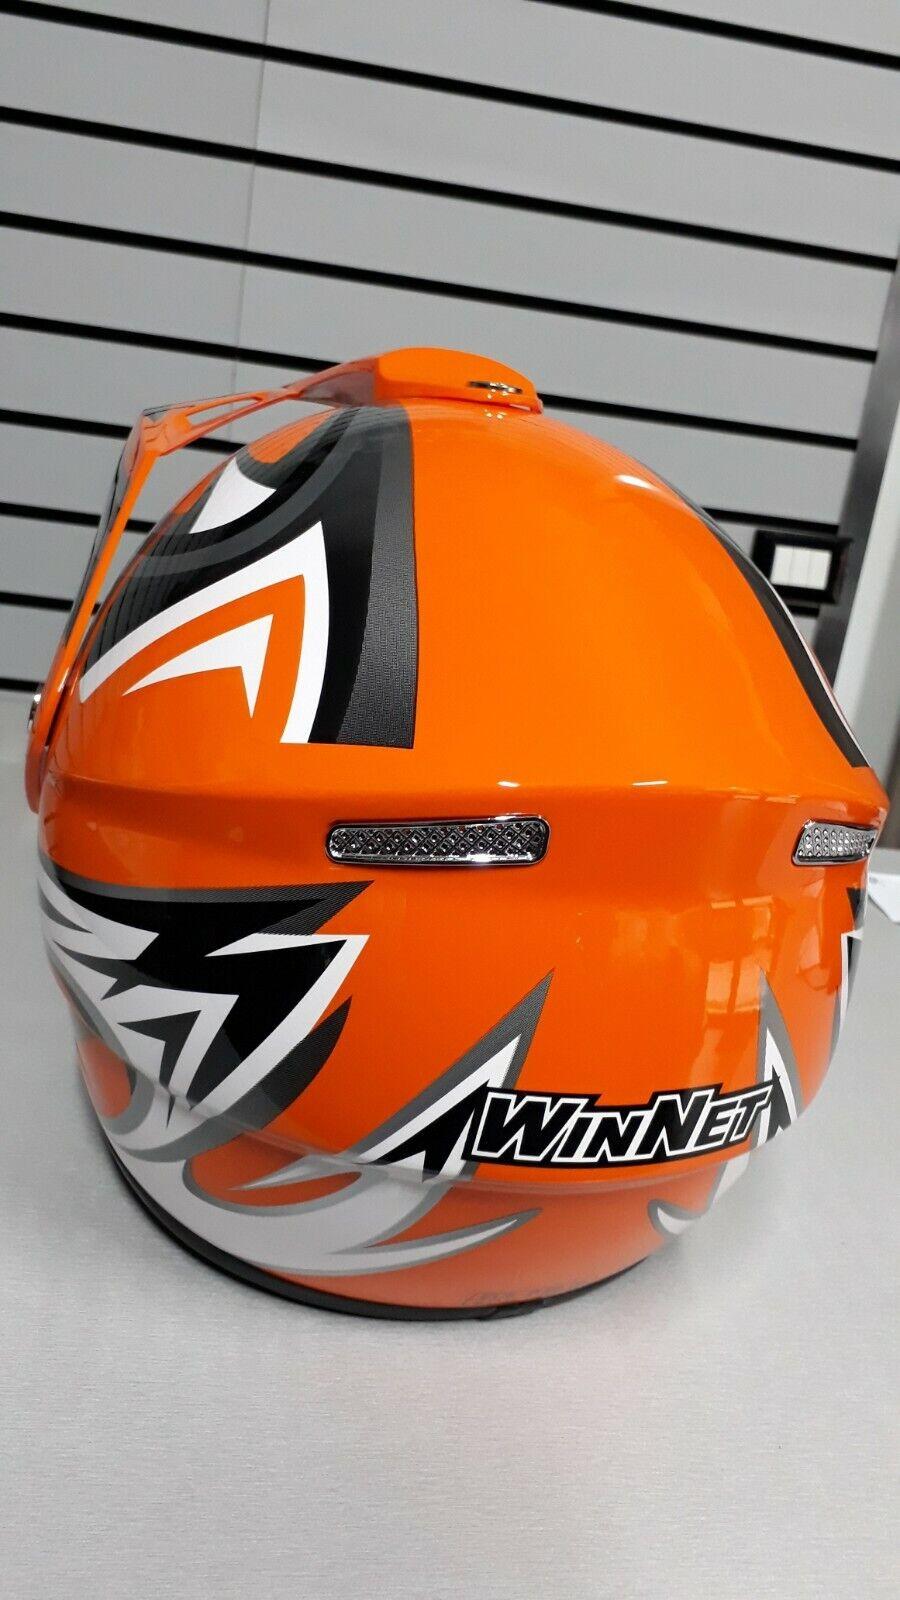 WinNet Stivali per Moto da Cross Enduro Fuoristrada Quad 43 EU, Arancio